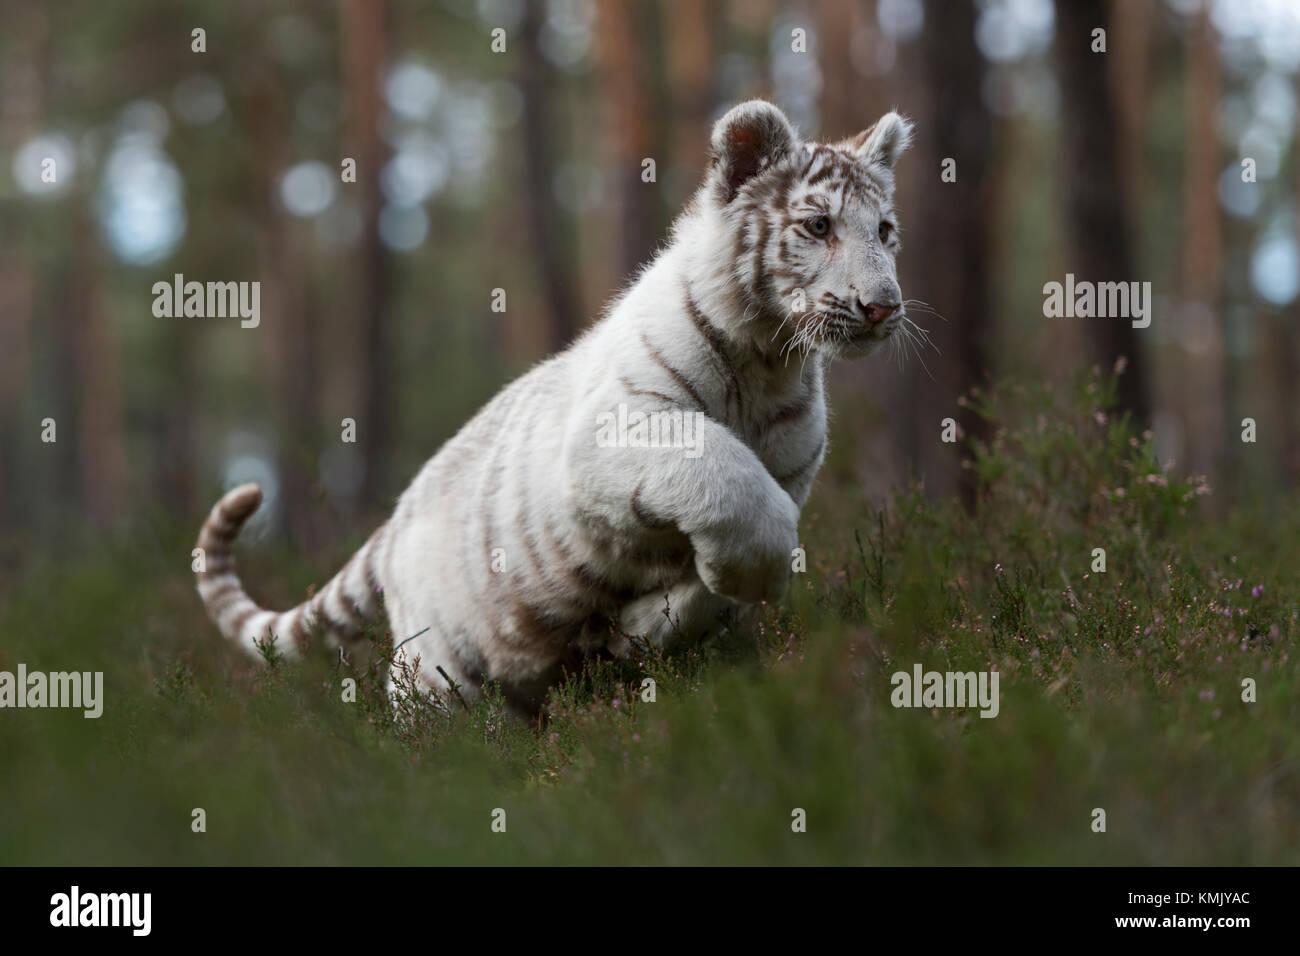 Royal Bengal Tiger / Koenigstiger ( Panthera tigris ), white morph, running fast, jumping through the undergrowth - Stock Image